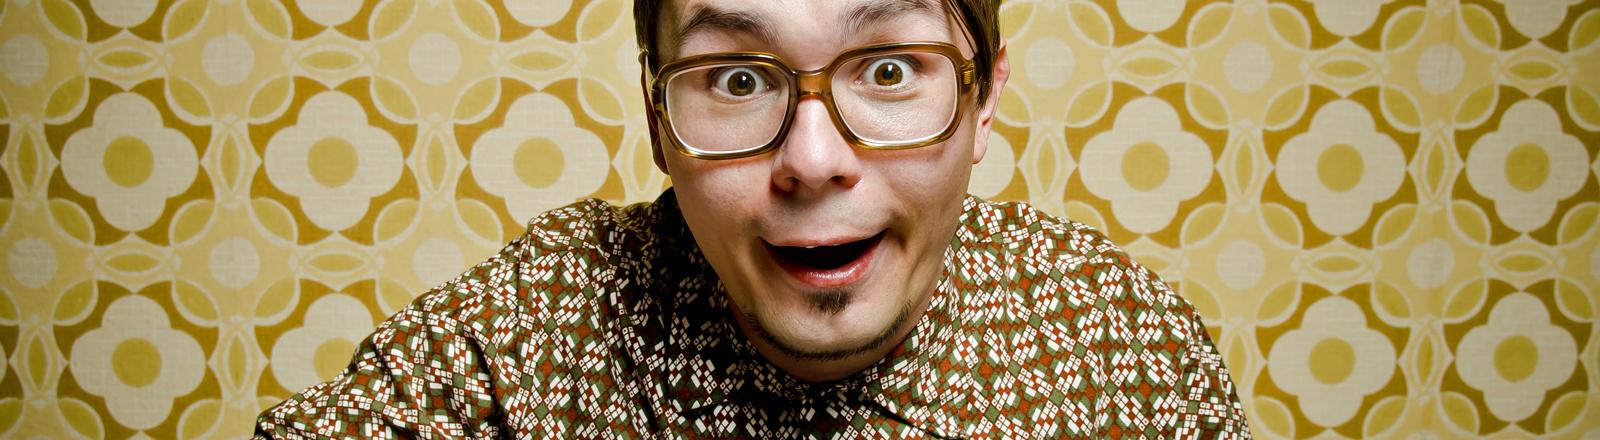 Ein Retro-Nerd mit großer Brille und Seitenscheitel tippt begeistert in eine Tastatur.